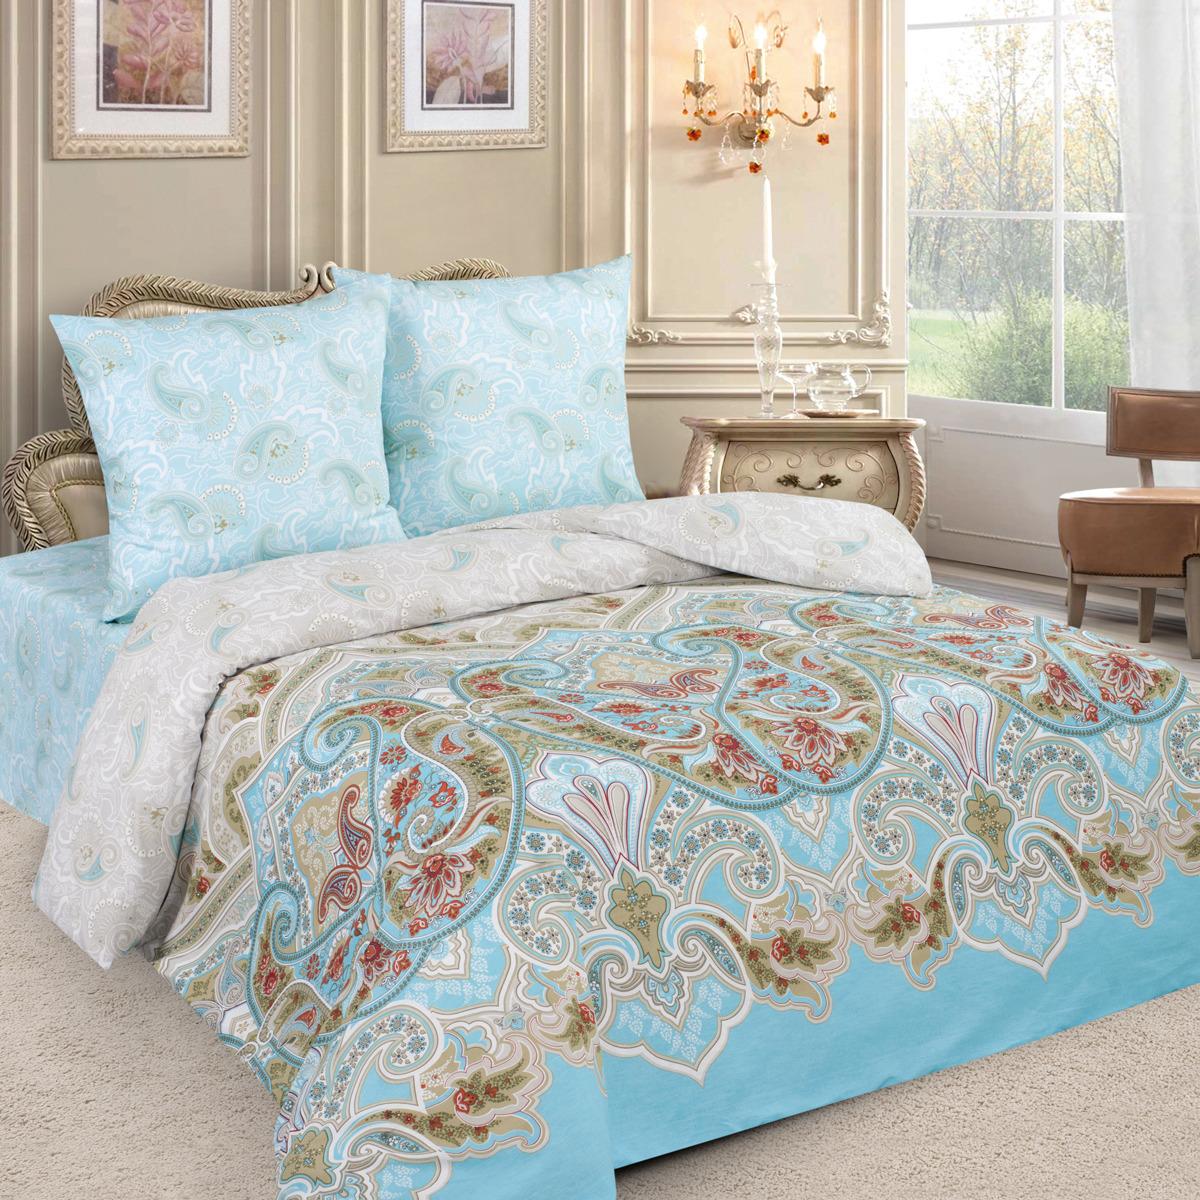 Комплект постельного белья Letto, 2-спальный, наволочки 70х70. PL66-4 комплект белья letto 2 спальный наволочки 70х70 sm119 4